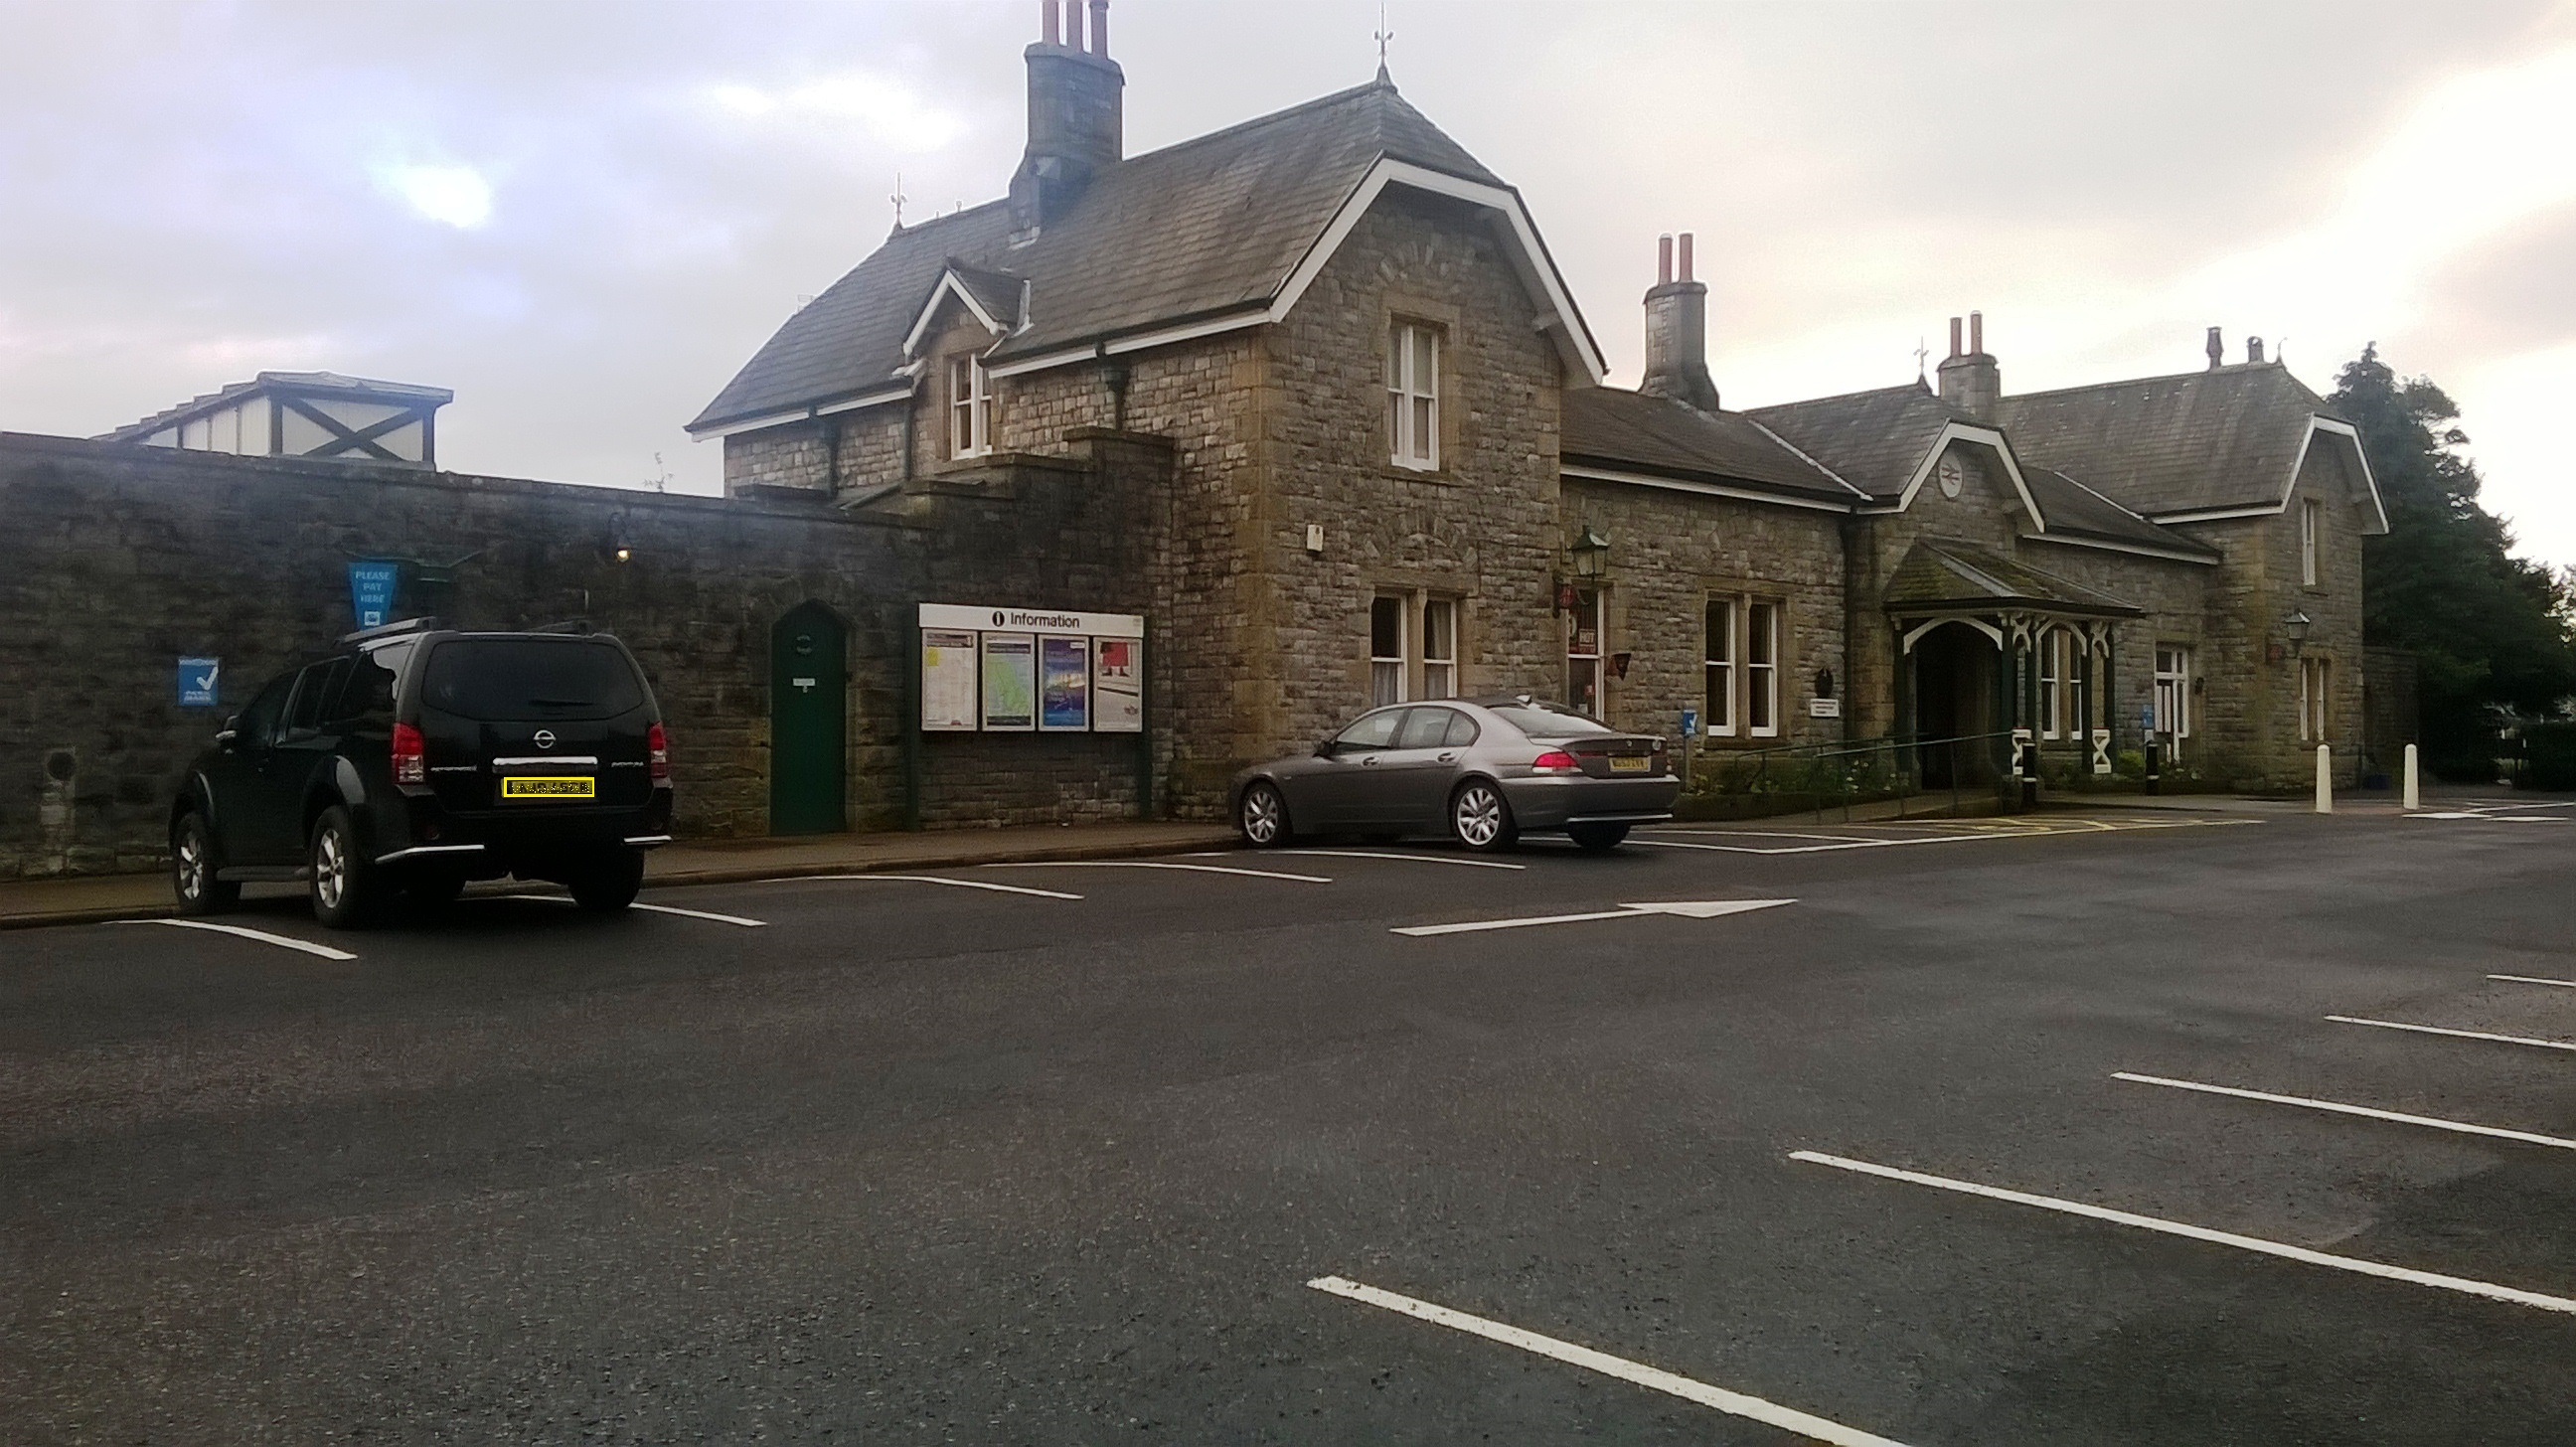 Grange-Over-Sands dzelzceļa stacija